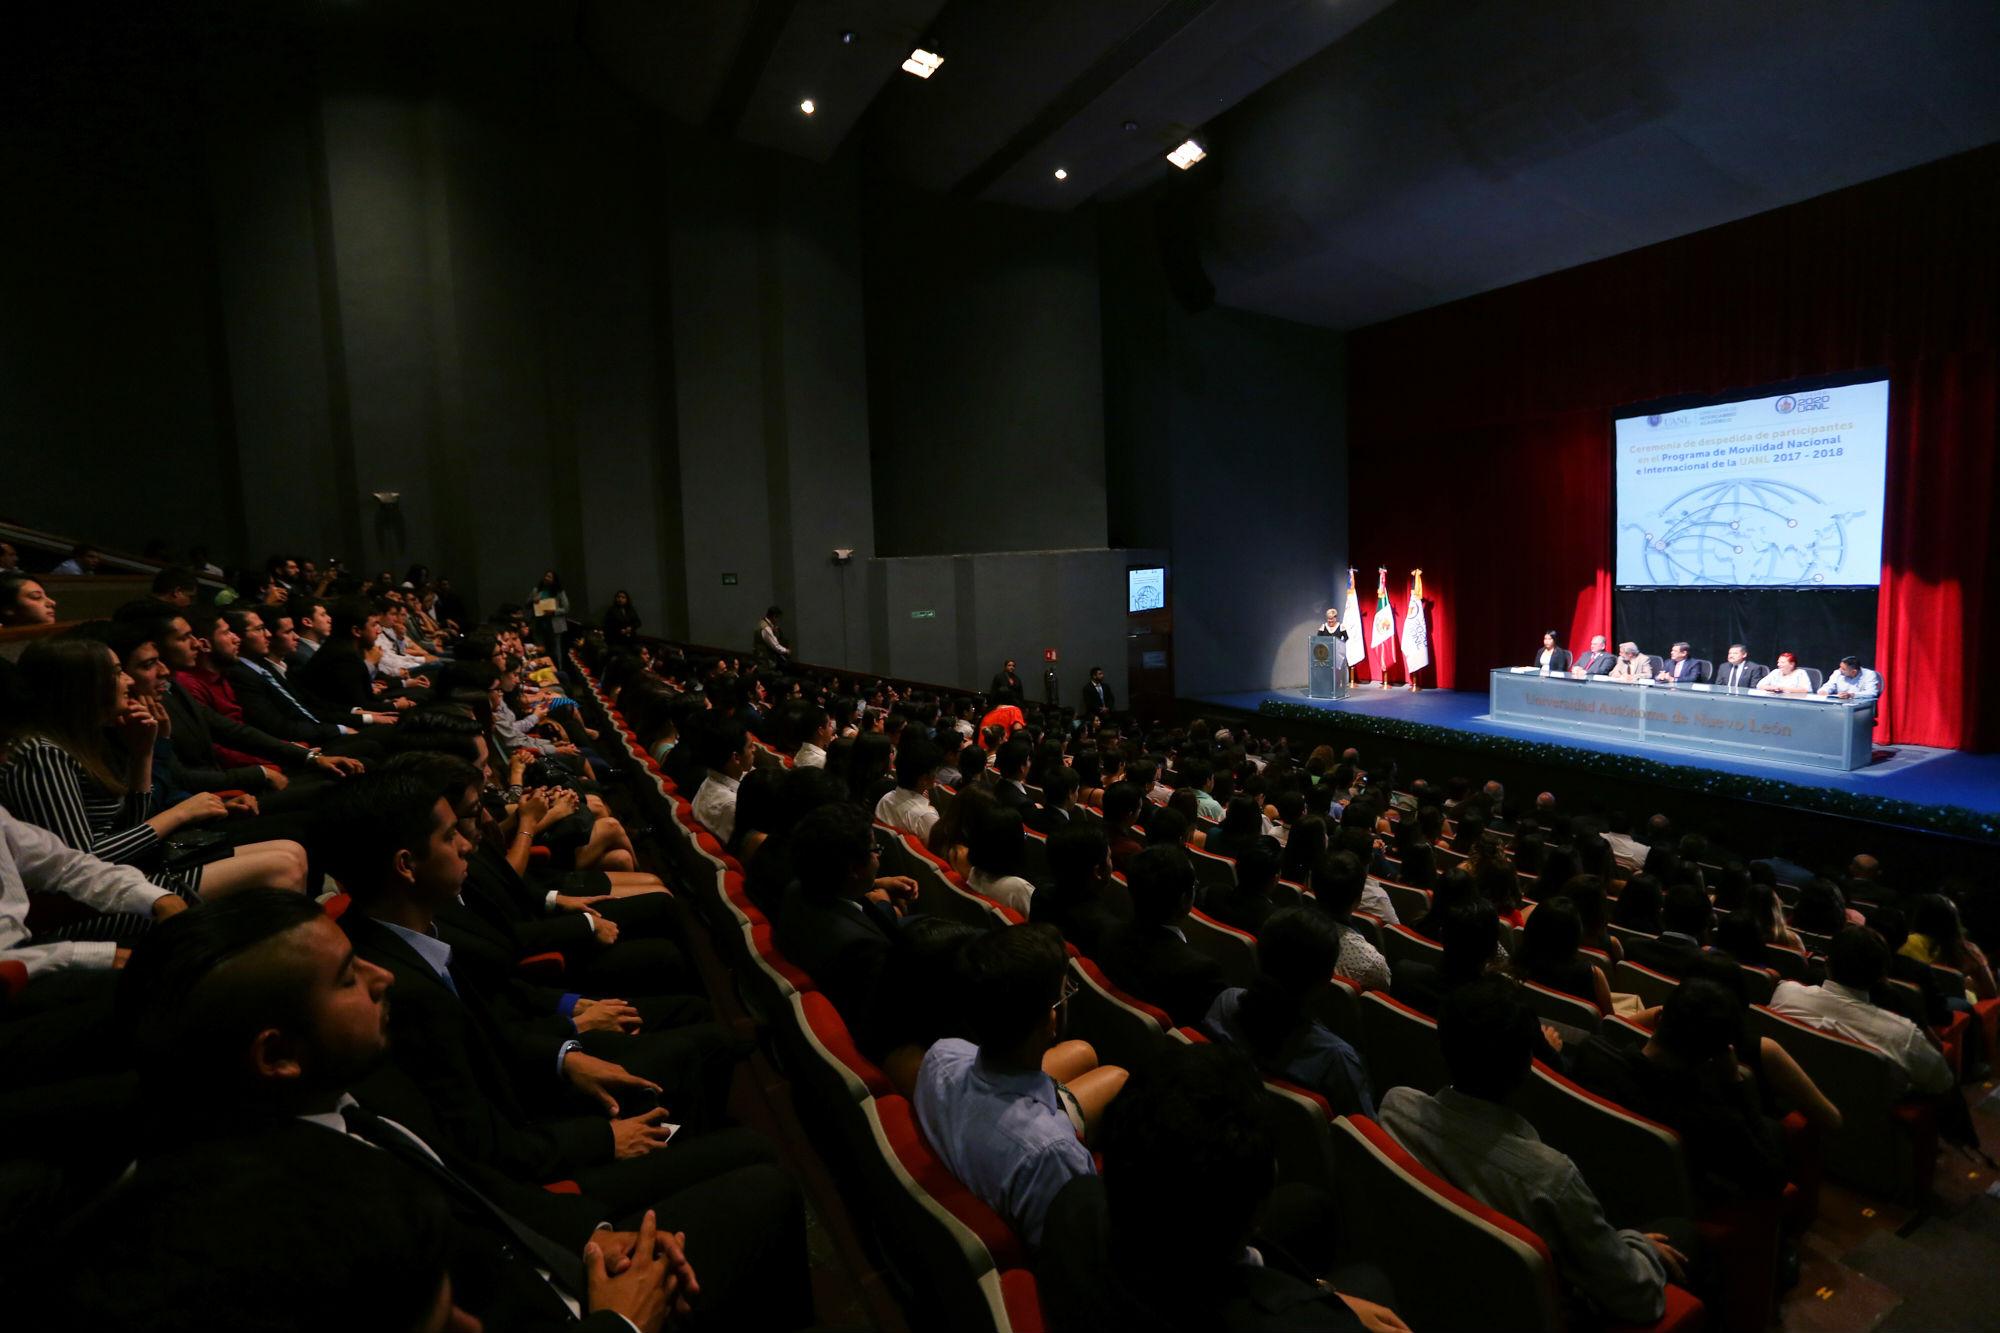 La ceremonia de despedida se llevó a cabo en el Teatro Universitario